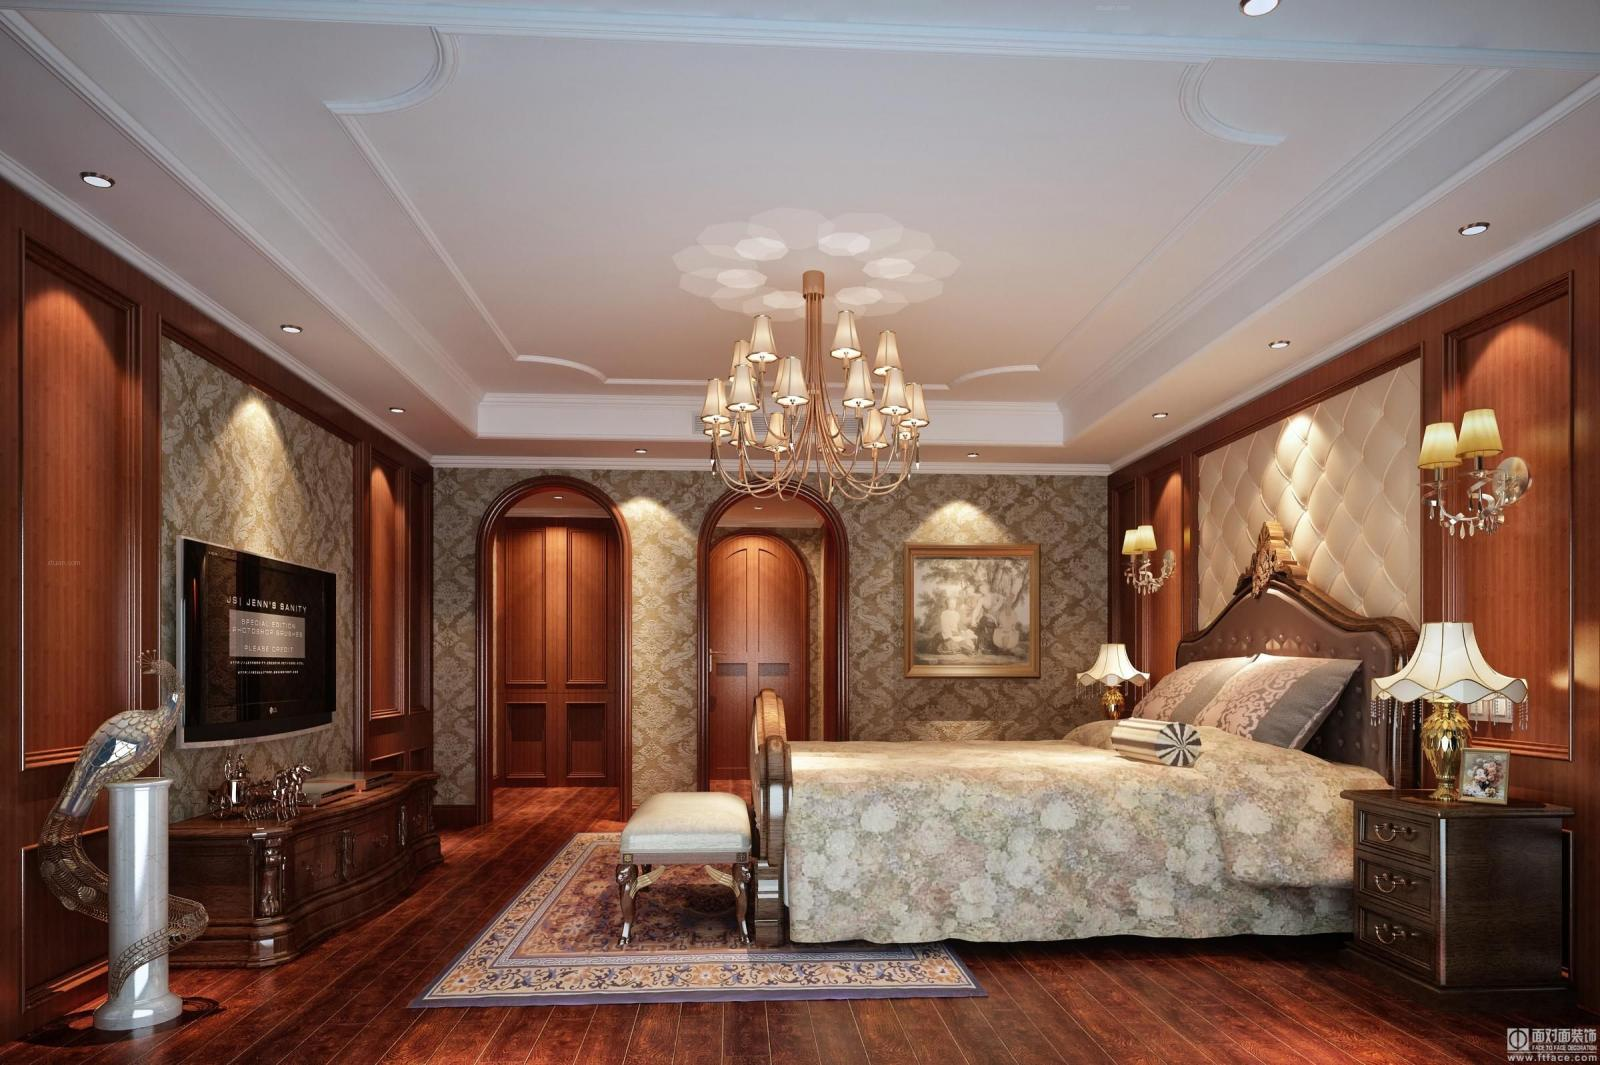 实木衣柜实木床装修效果图  户型:三居室 房间:卧室 风格:简欧风格 装